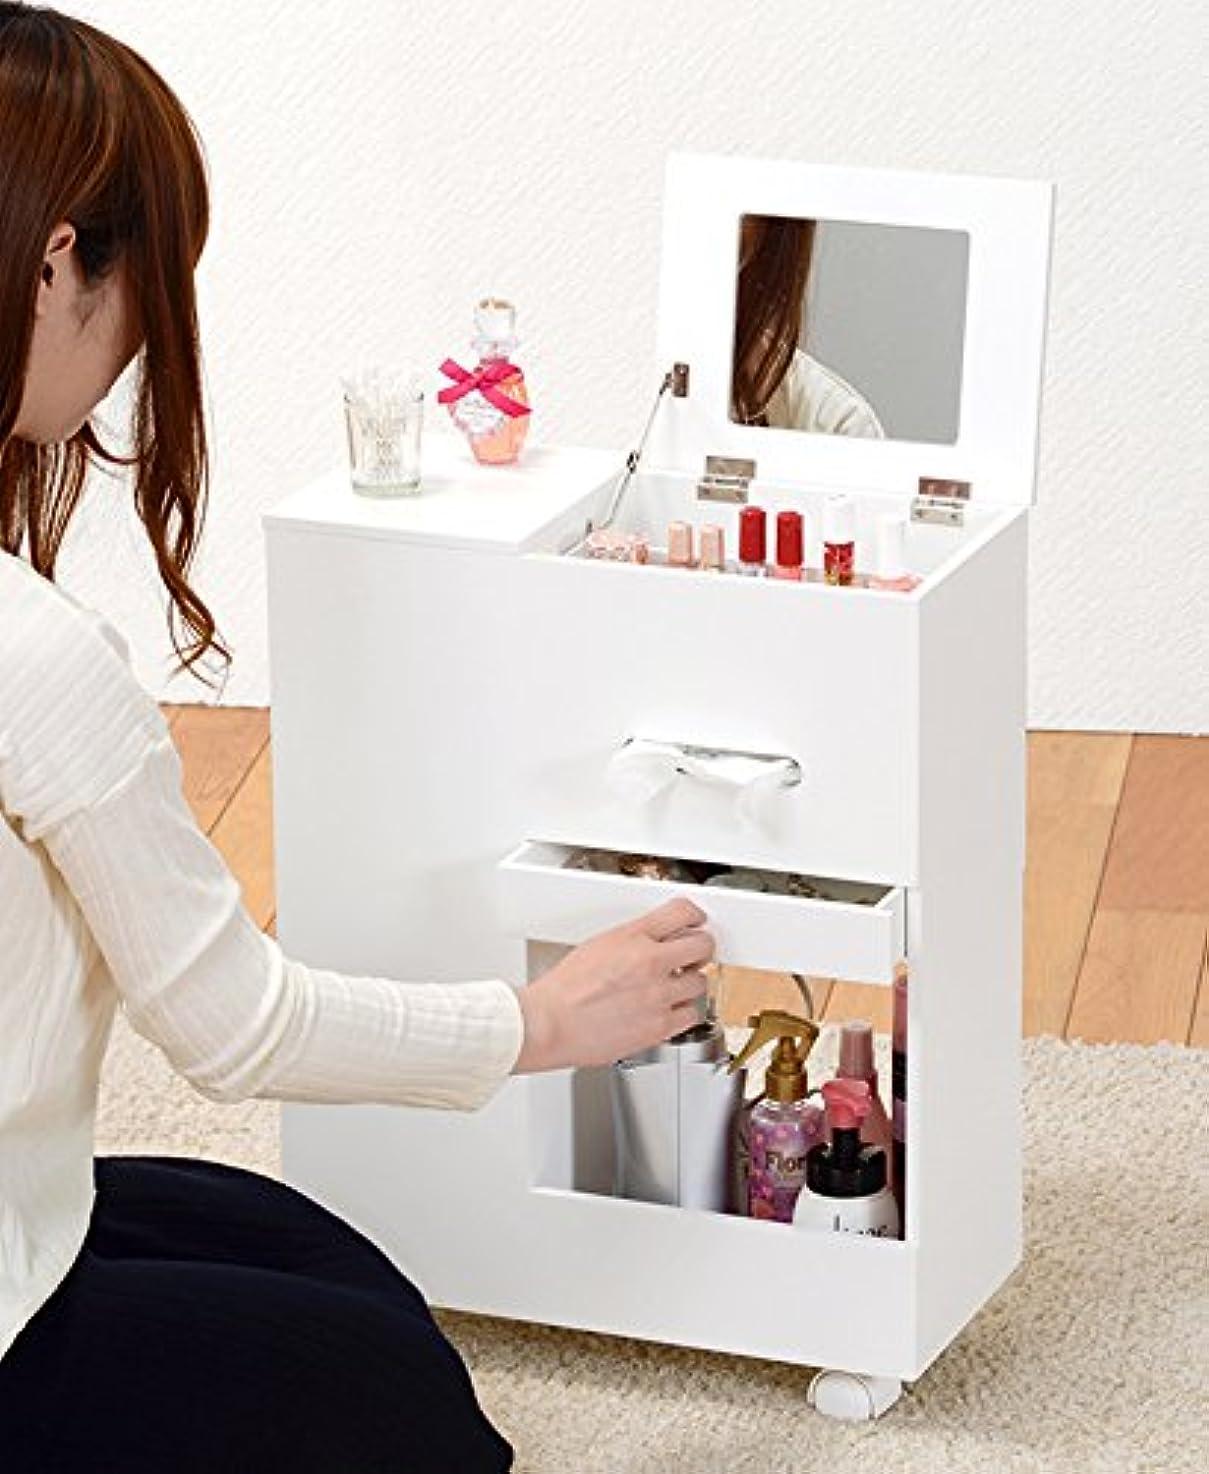 既にガウン美容師コスメワゴン 化粧ワゴン コスメ収納 収納ボックス 化粧台 1面鏡 完成品 キャスター付き 折りたたみ式 引き出し付き コンパクト 大容量 軽量 ホワイト